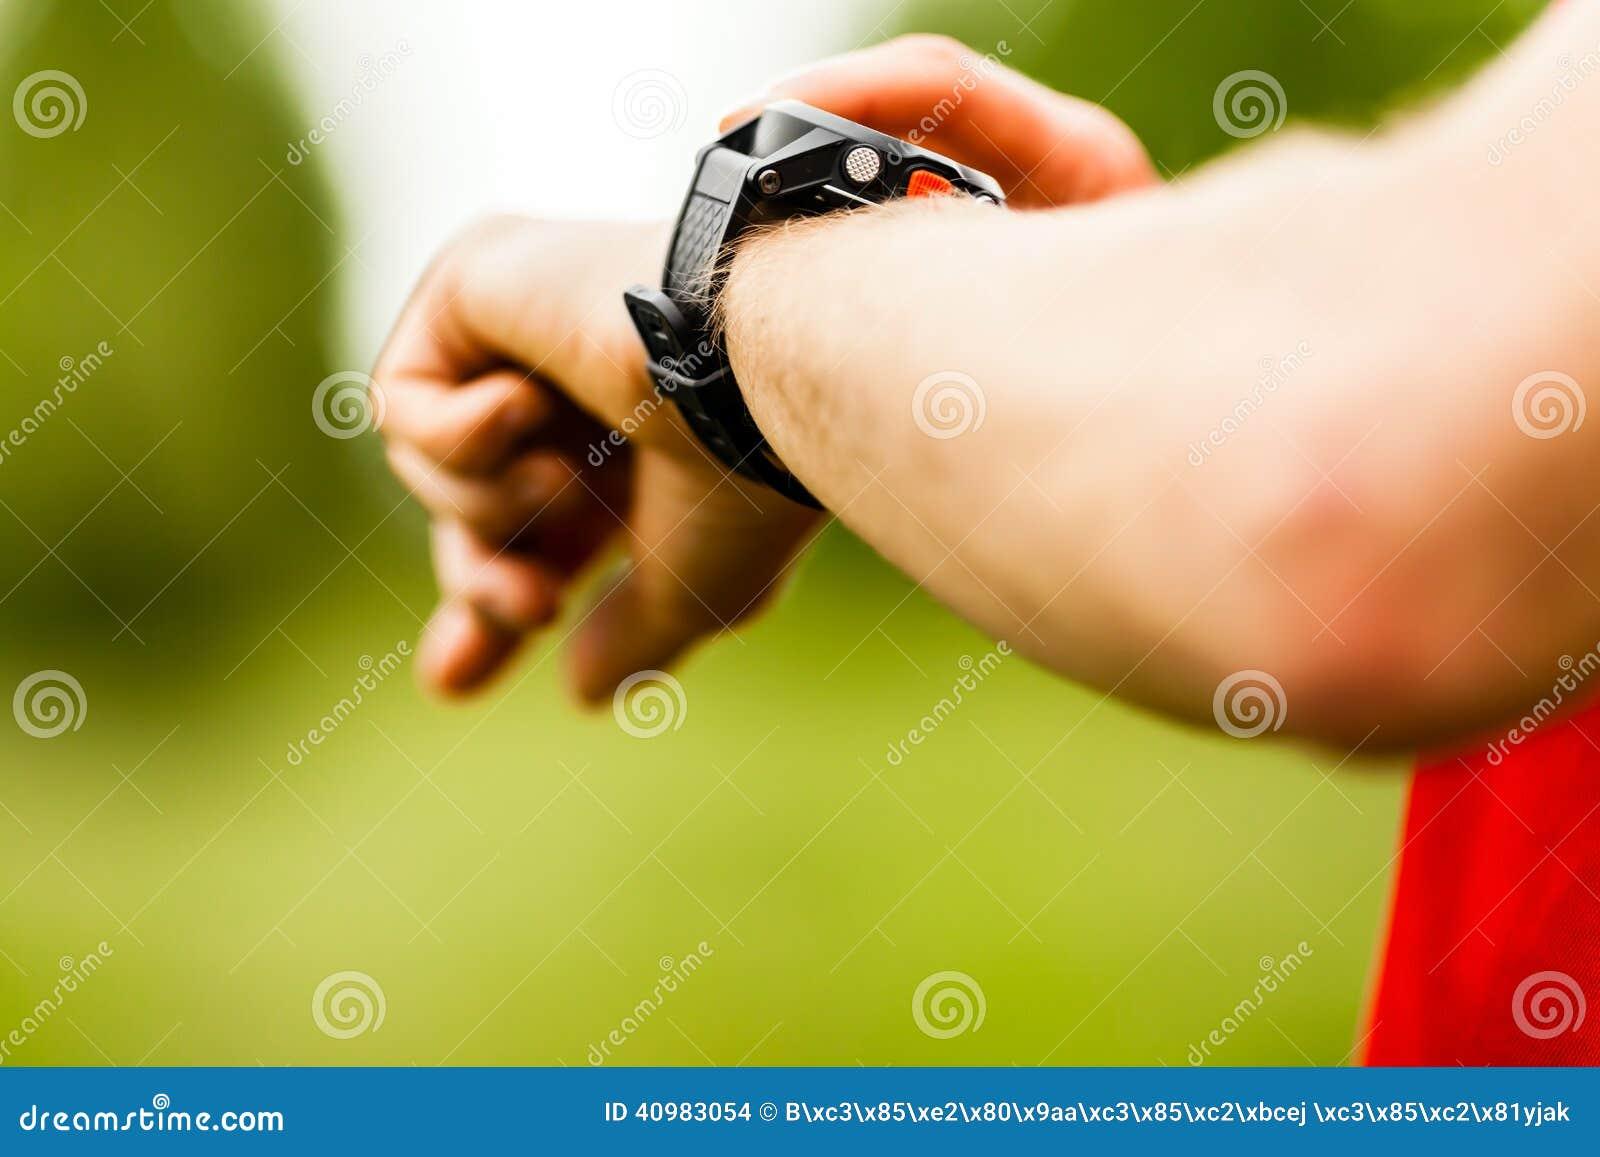 Coureur de pays croisé regardant la montre de sport